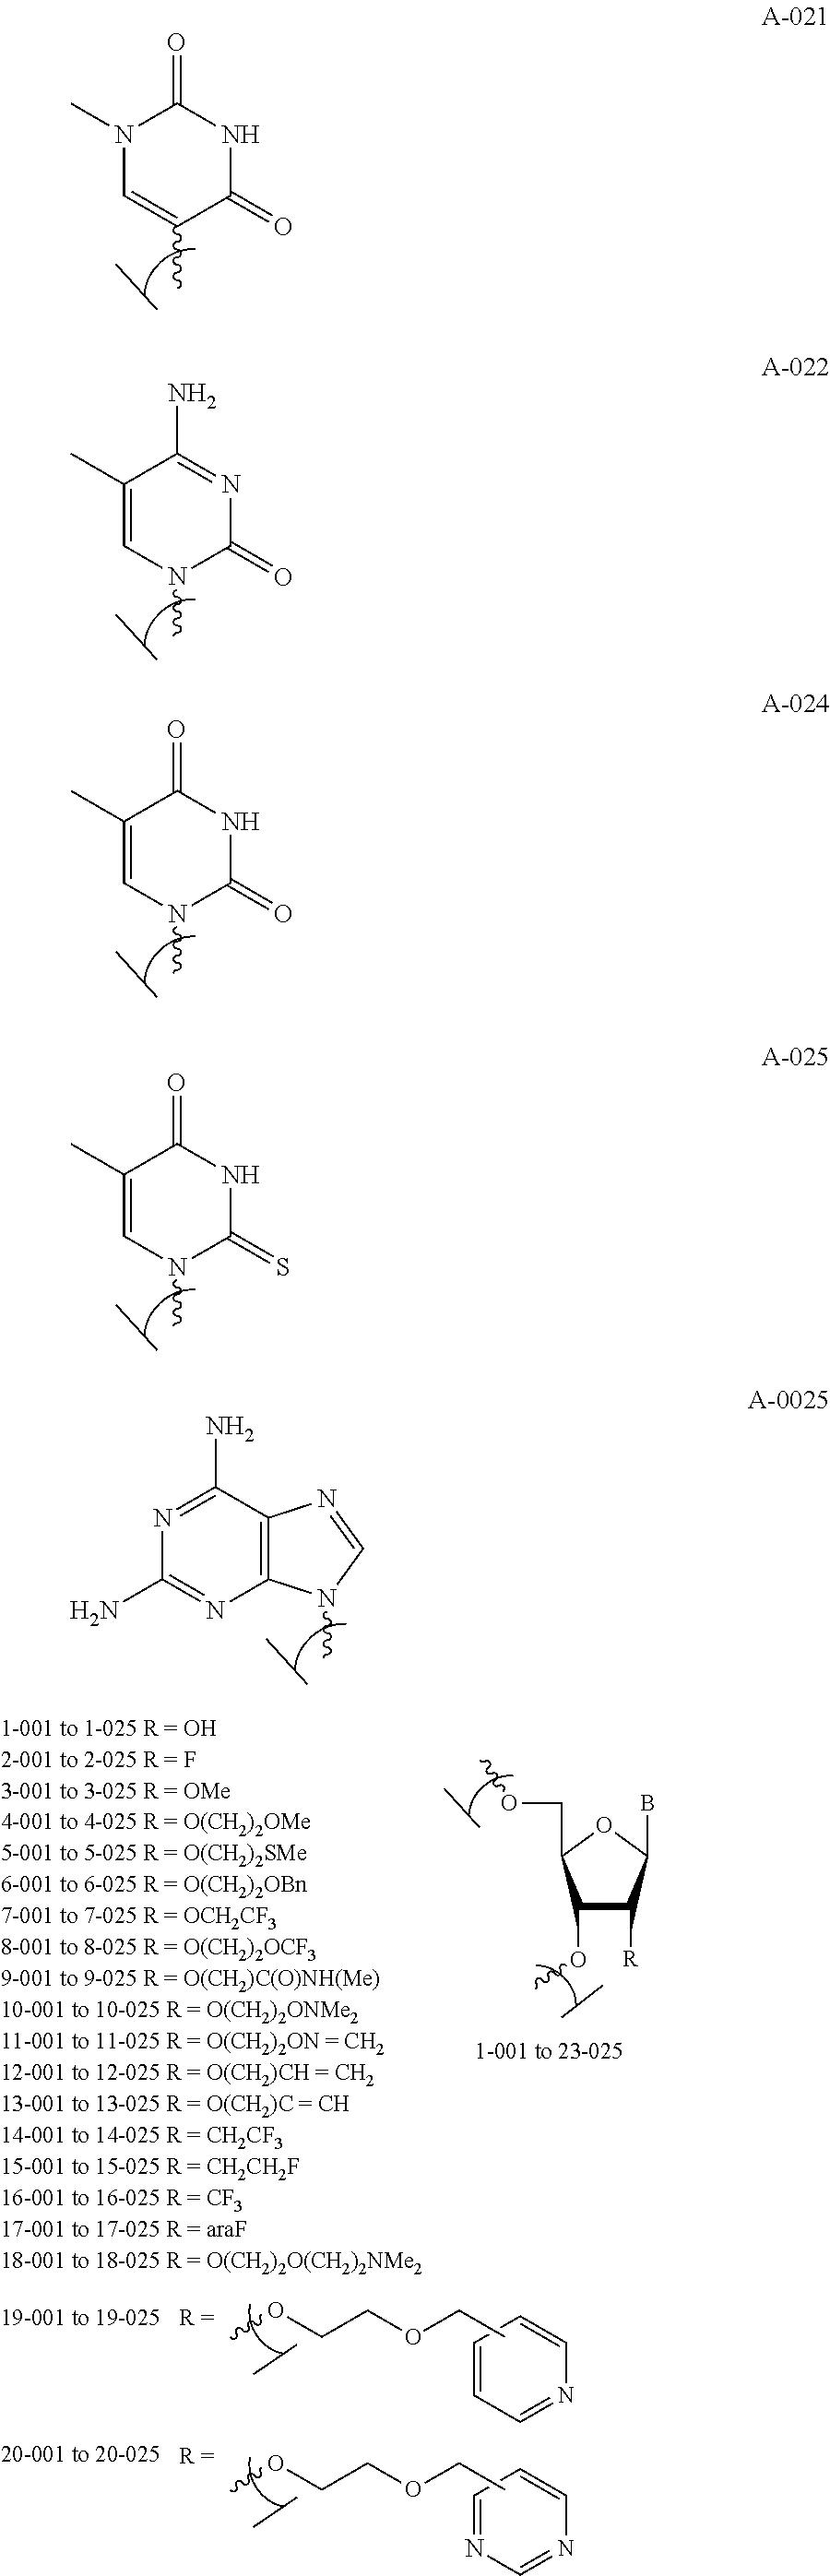 Figure US20110118339A1-20110519-C00021